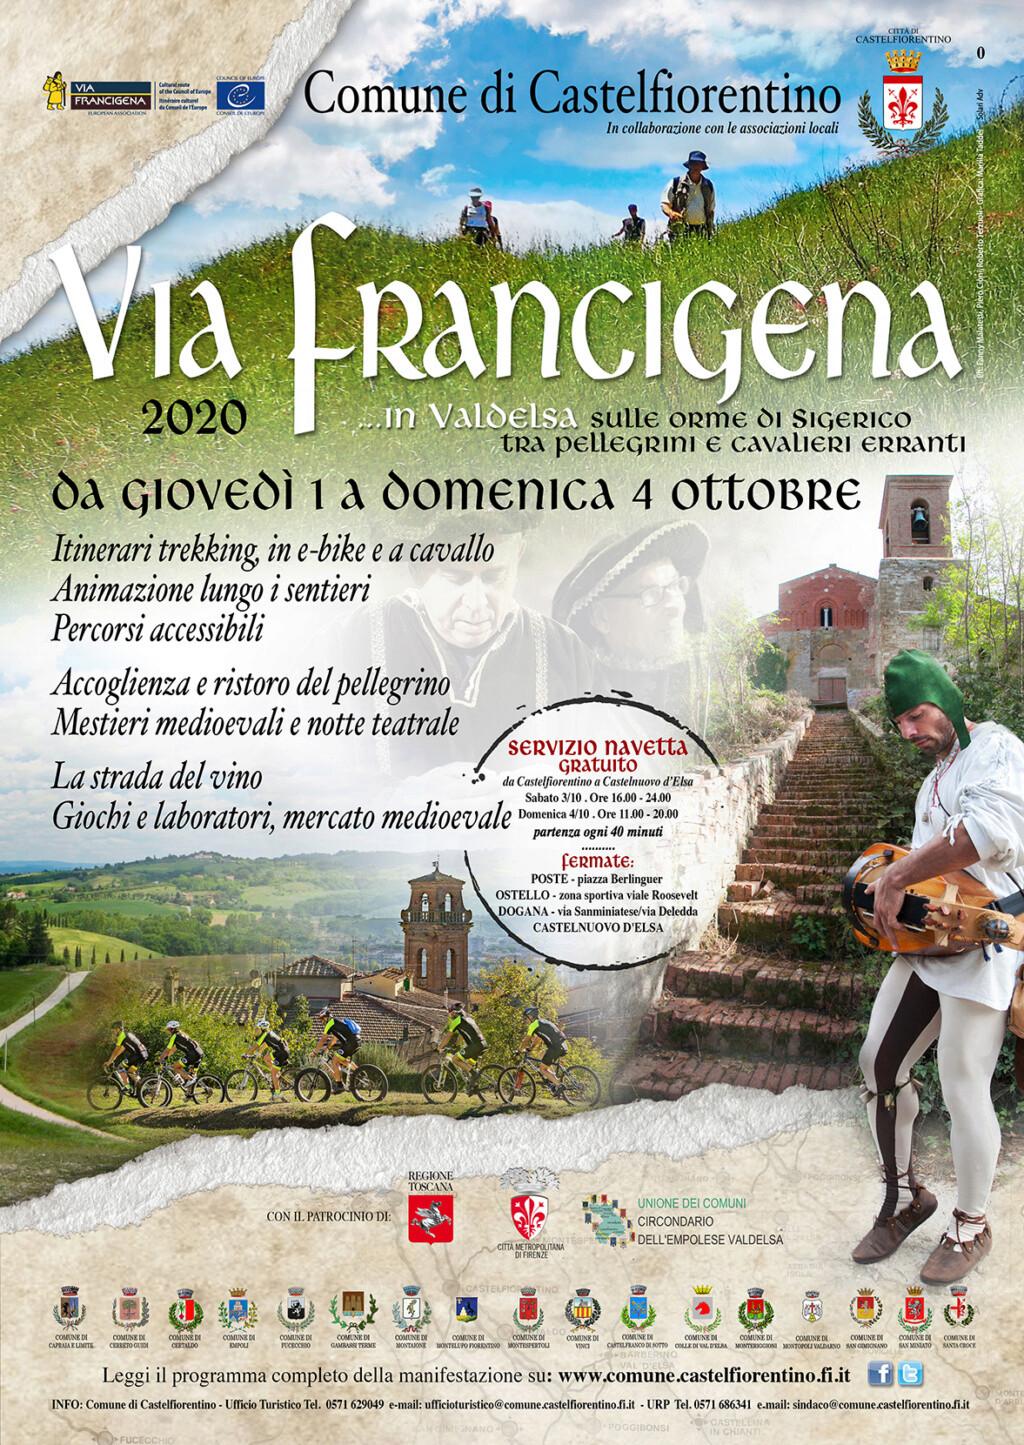 La Via Francigena in Valdelsa 0_20_v10